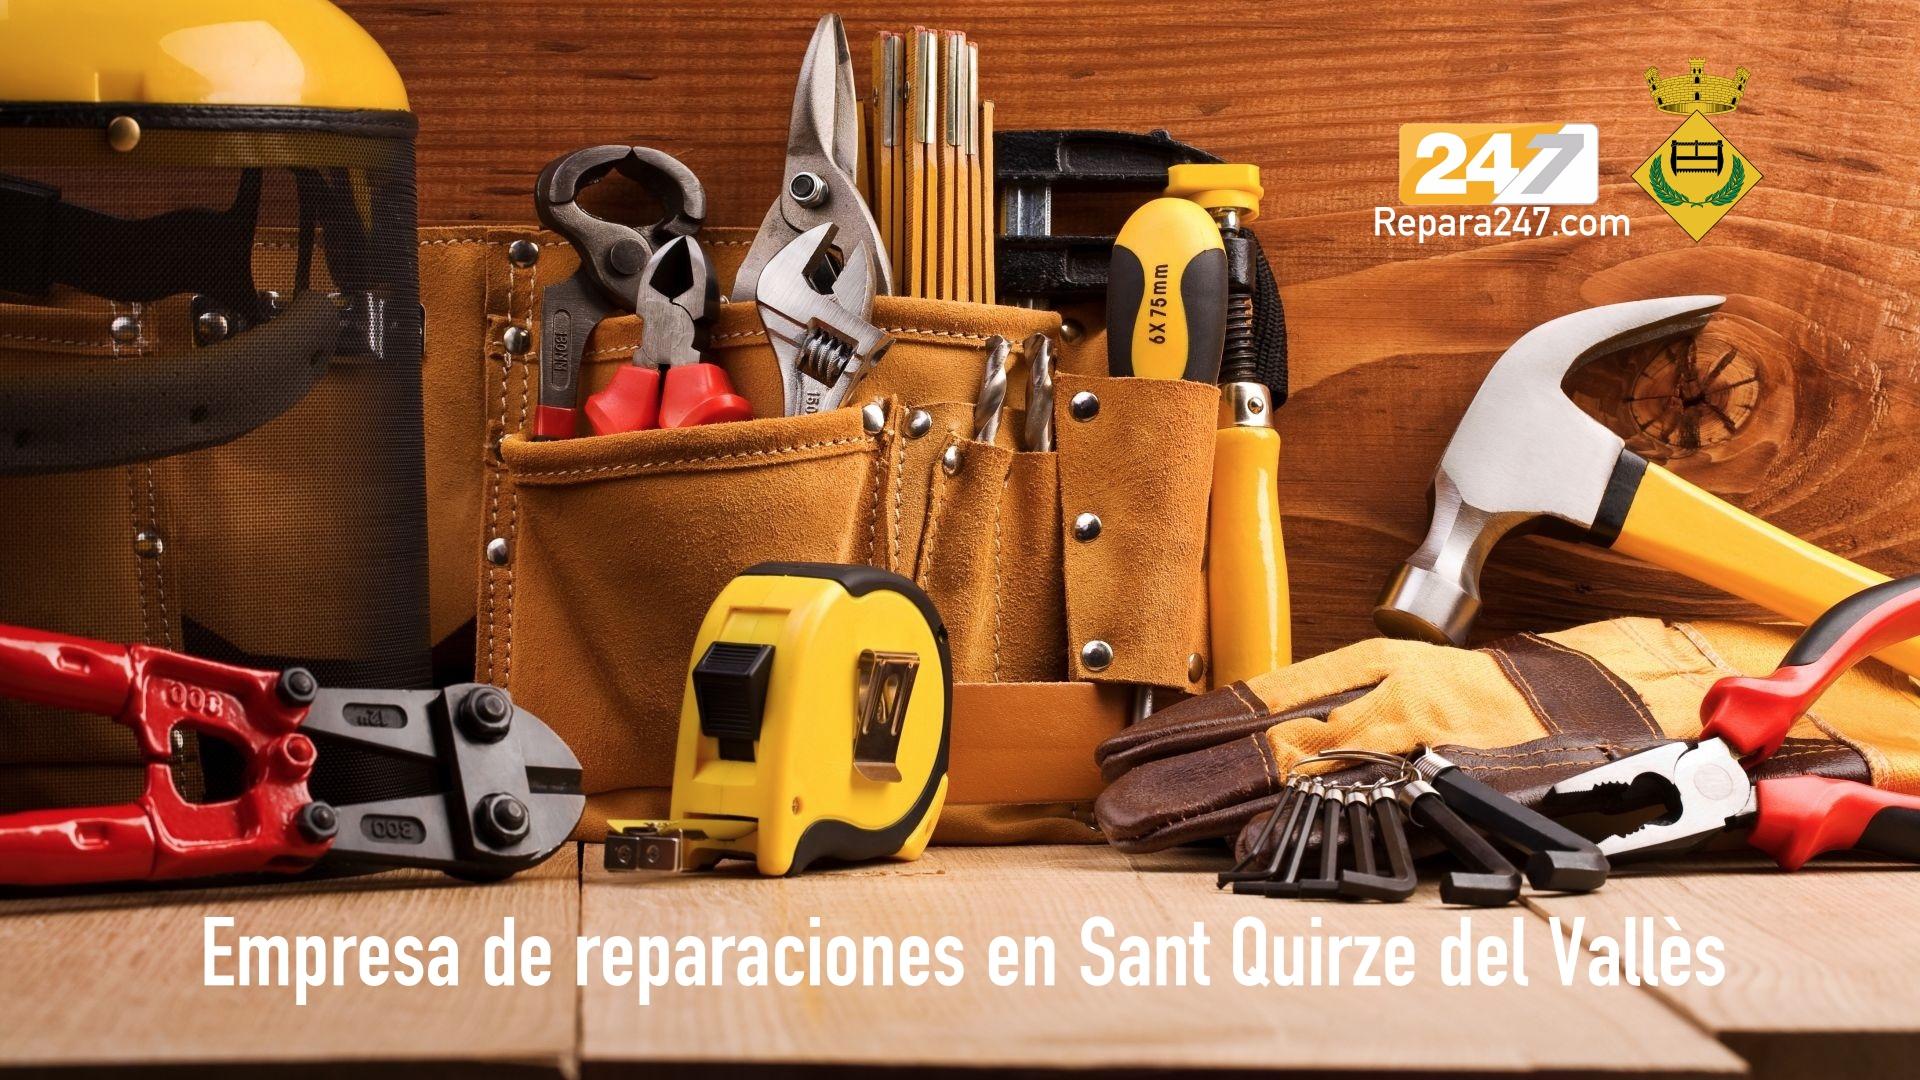 Empresa de reparaciones en Sant Quirze del Vallès